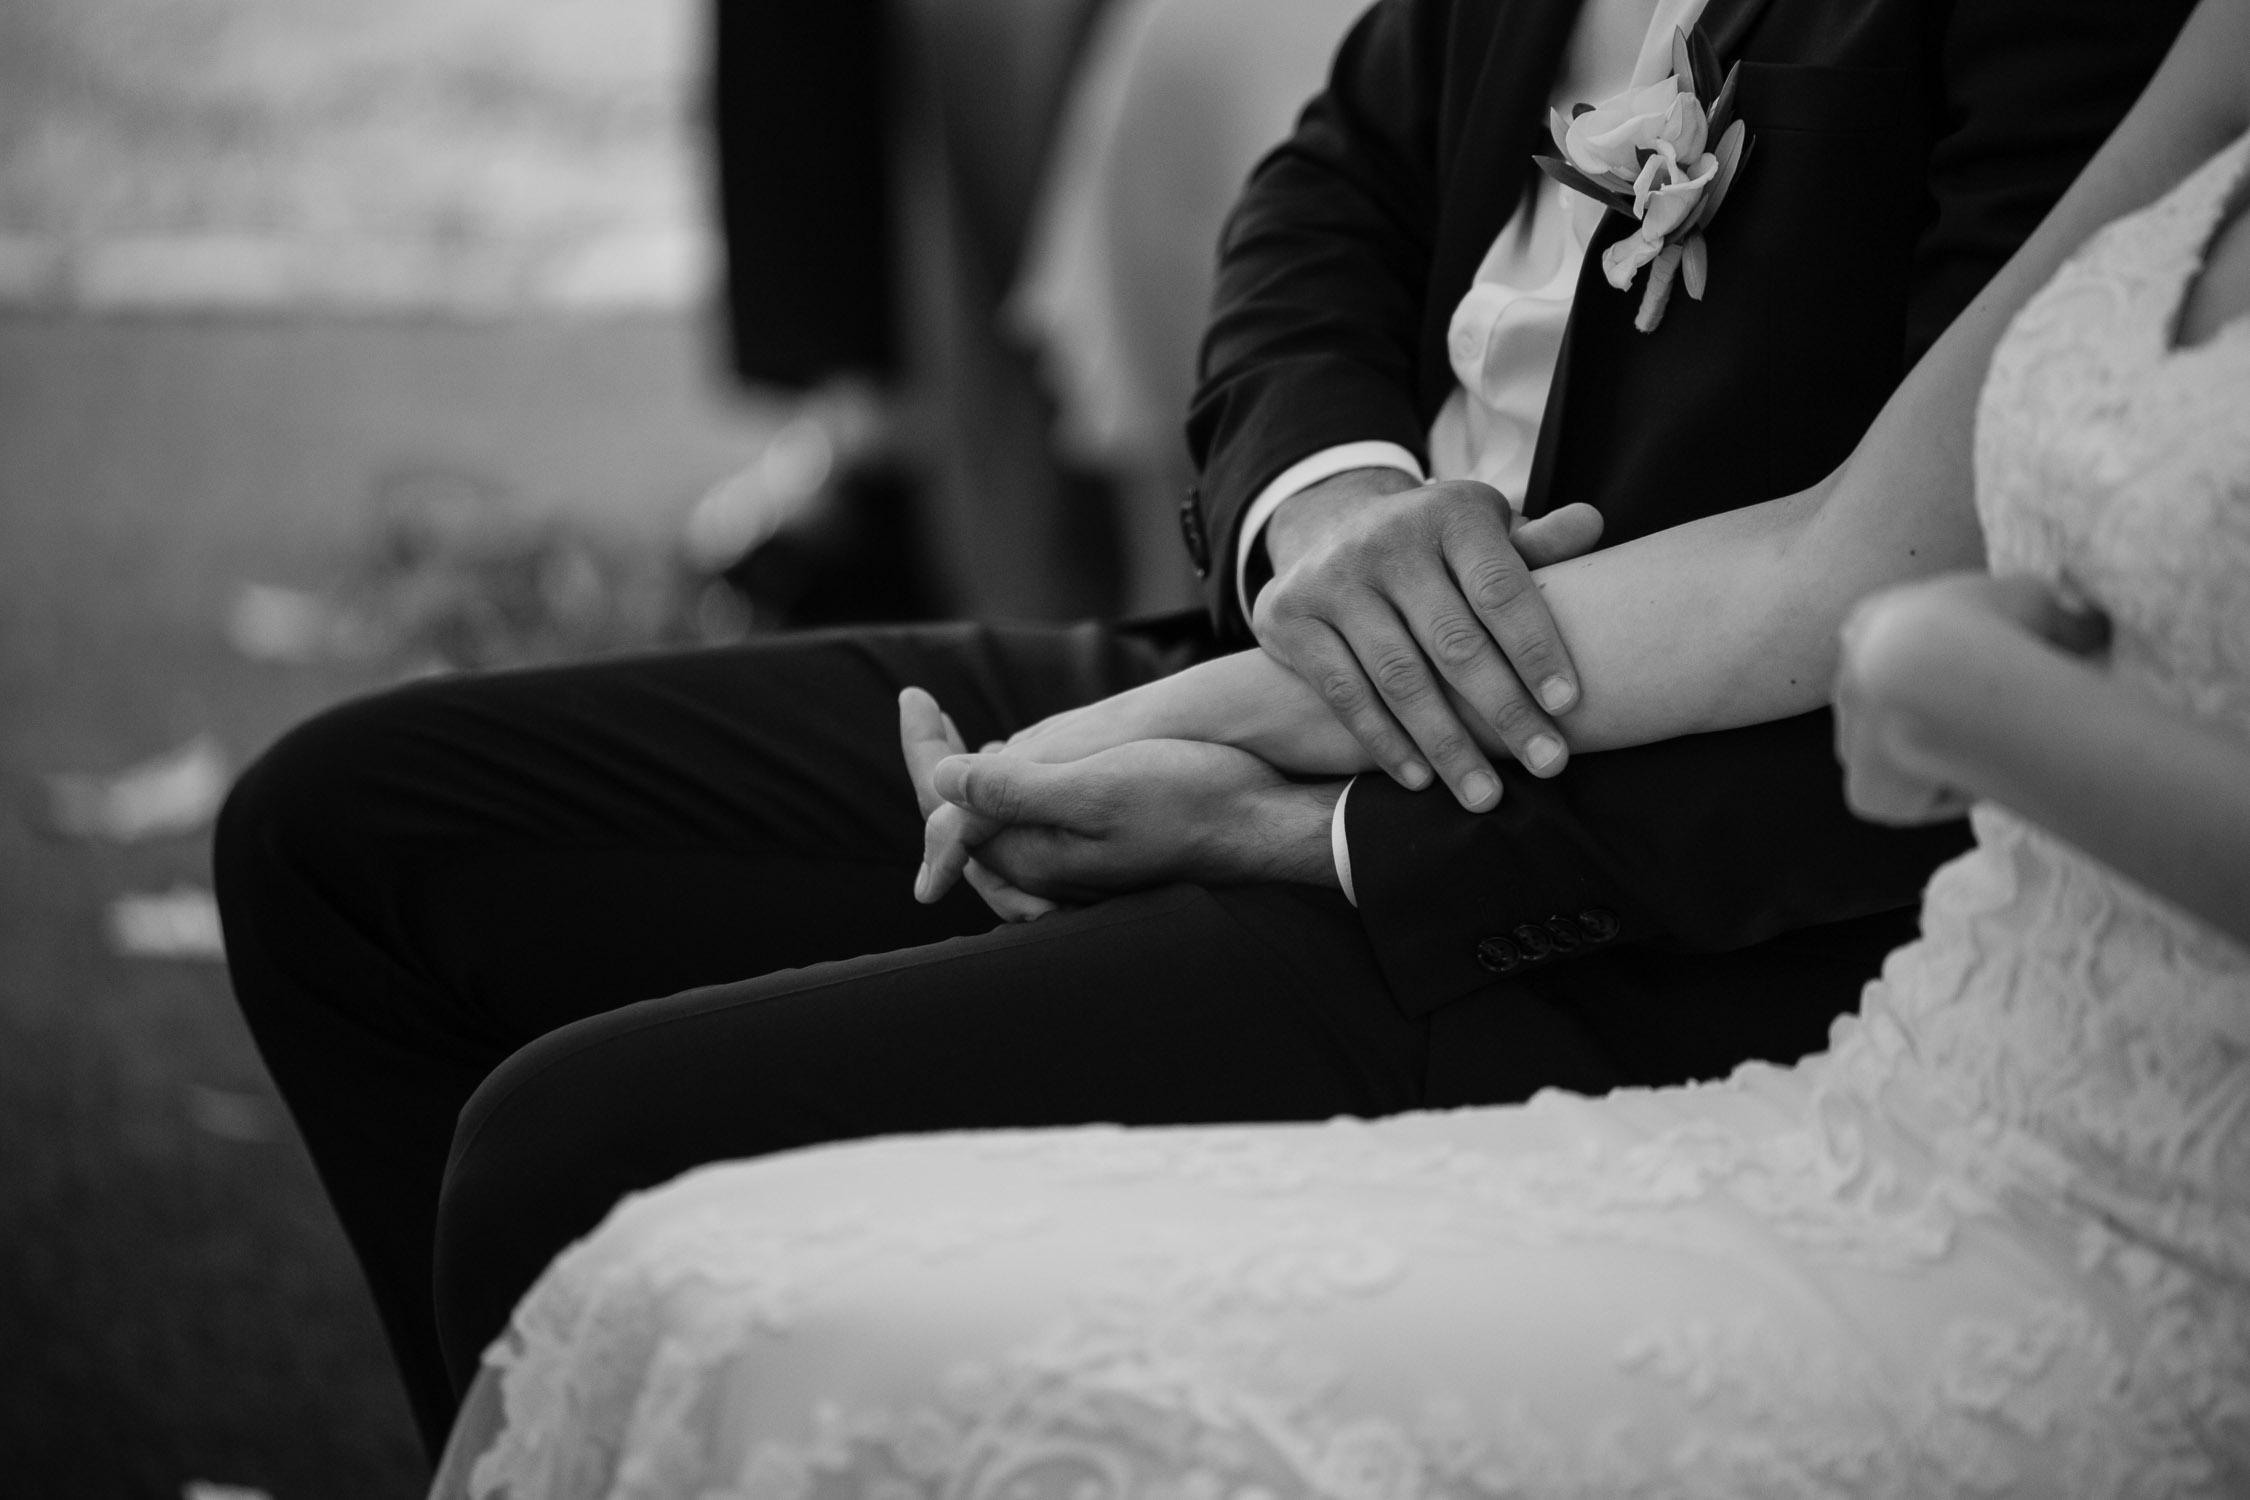 HochzeitsfotografKoeln BrautKleid AuthenticWeddingPhotography HochzeitsfotografDuesseldorf Hochzeitsfotograf HochzeitsfotografNRW AndreBastosFotografie40